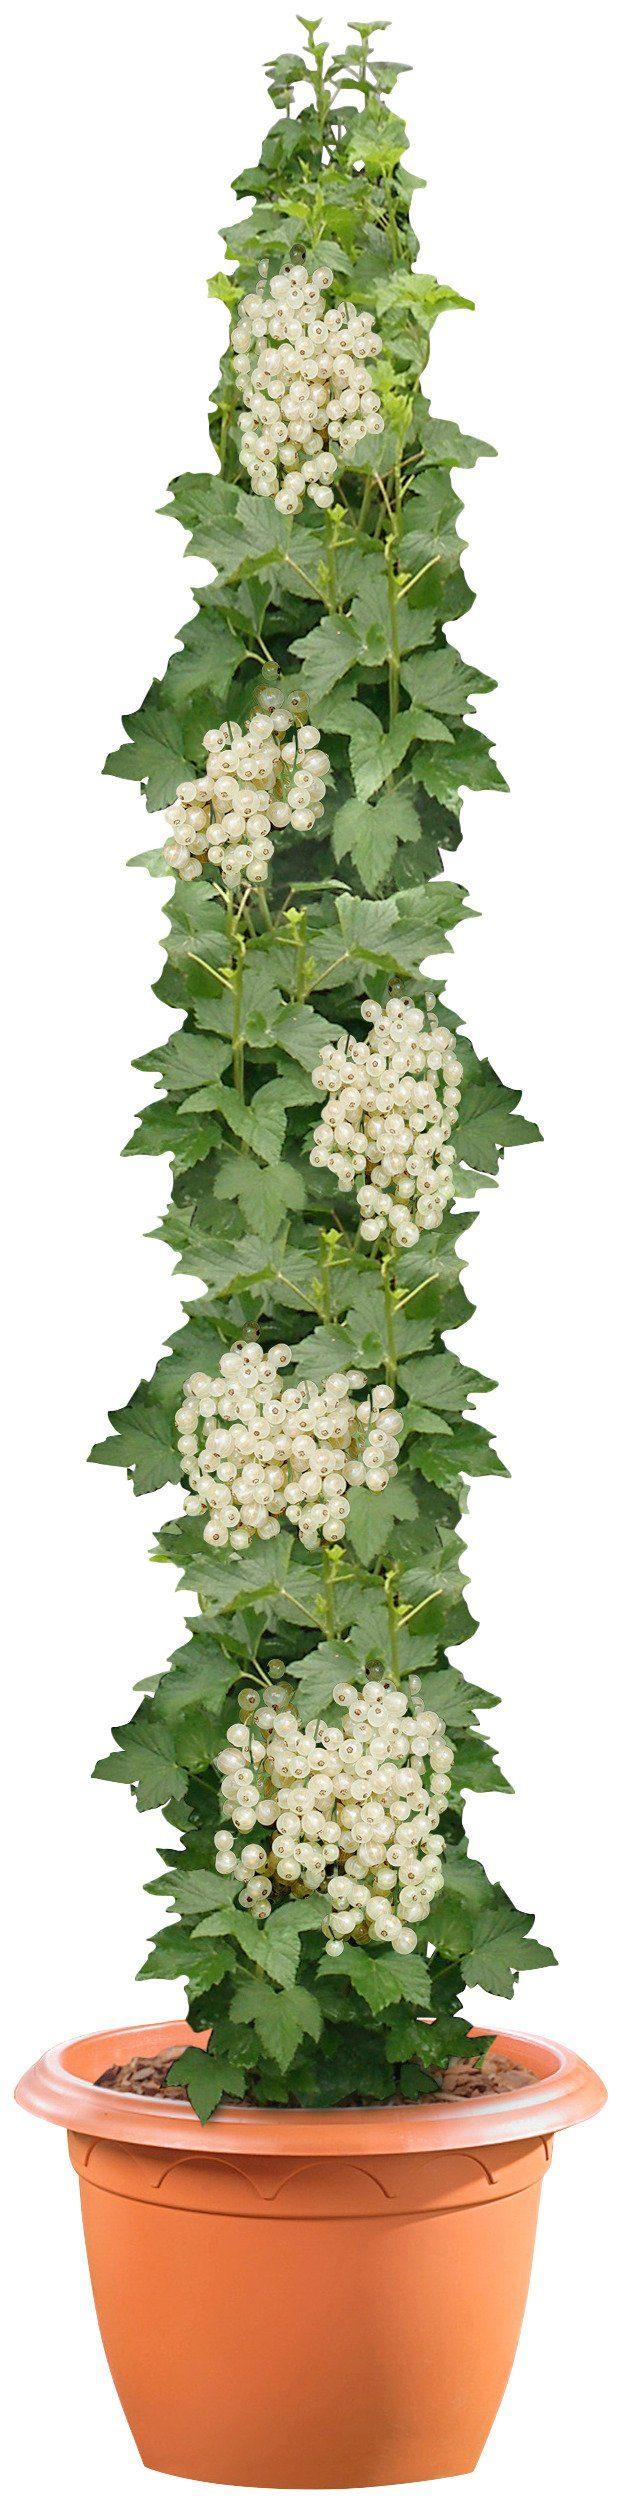 Säulenobst »Weiße Johannisbeere«